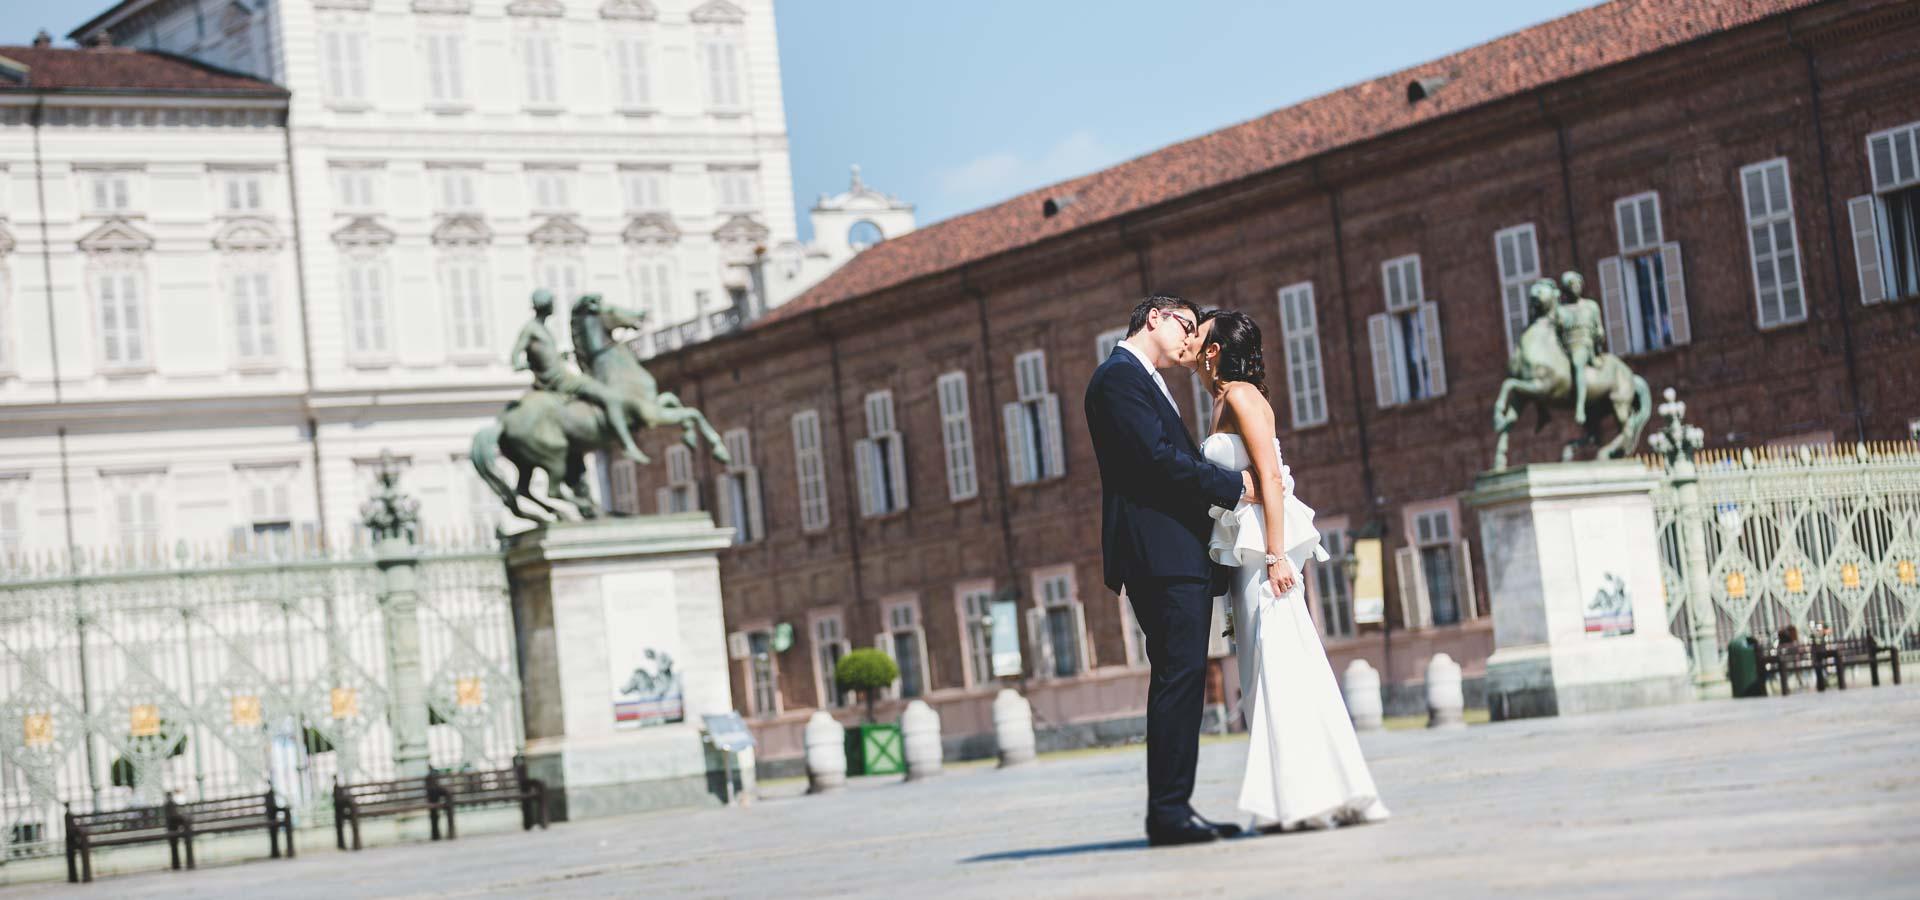 un bacio in una stupenda cornice architettonica